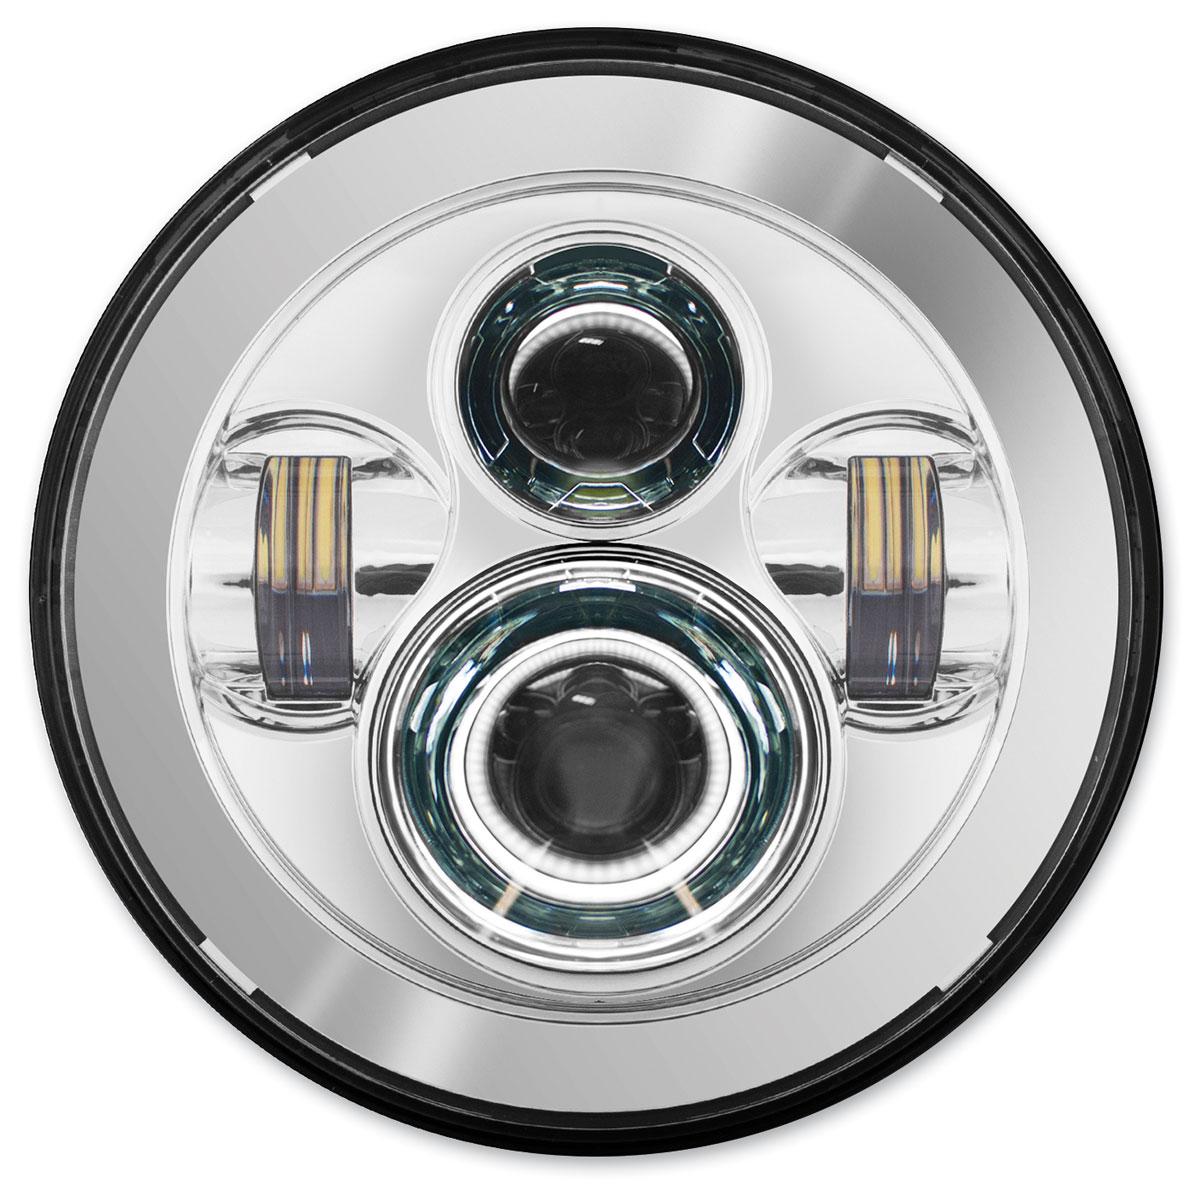 HogWorkz 7″ LED Daymaker Chrome Headlight Kit